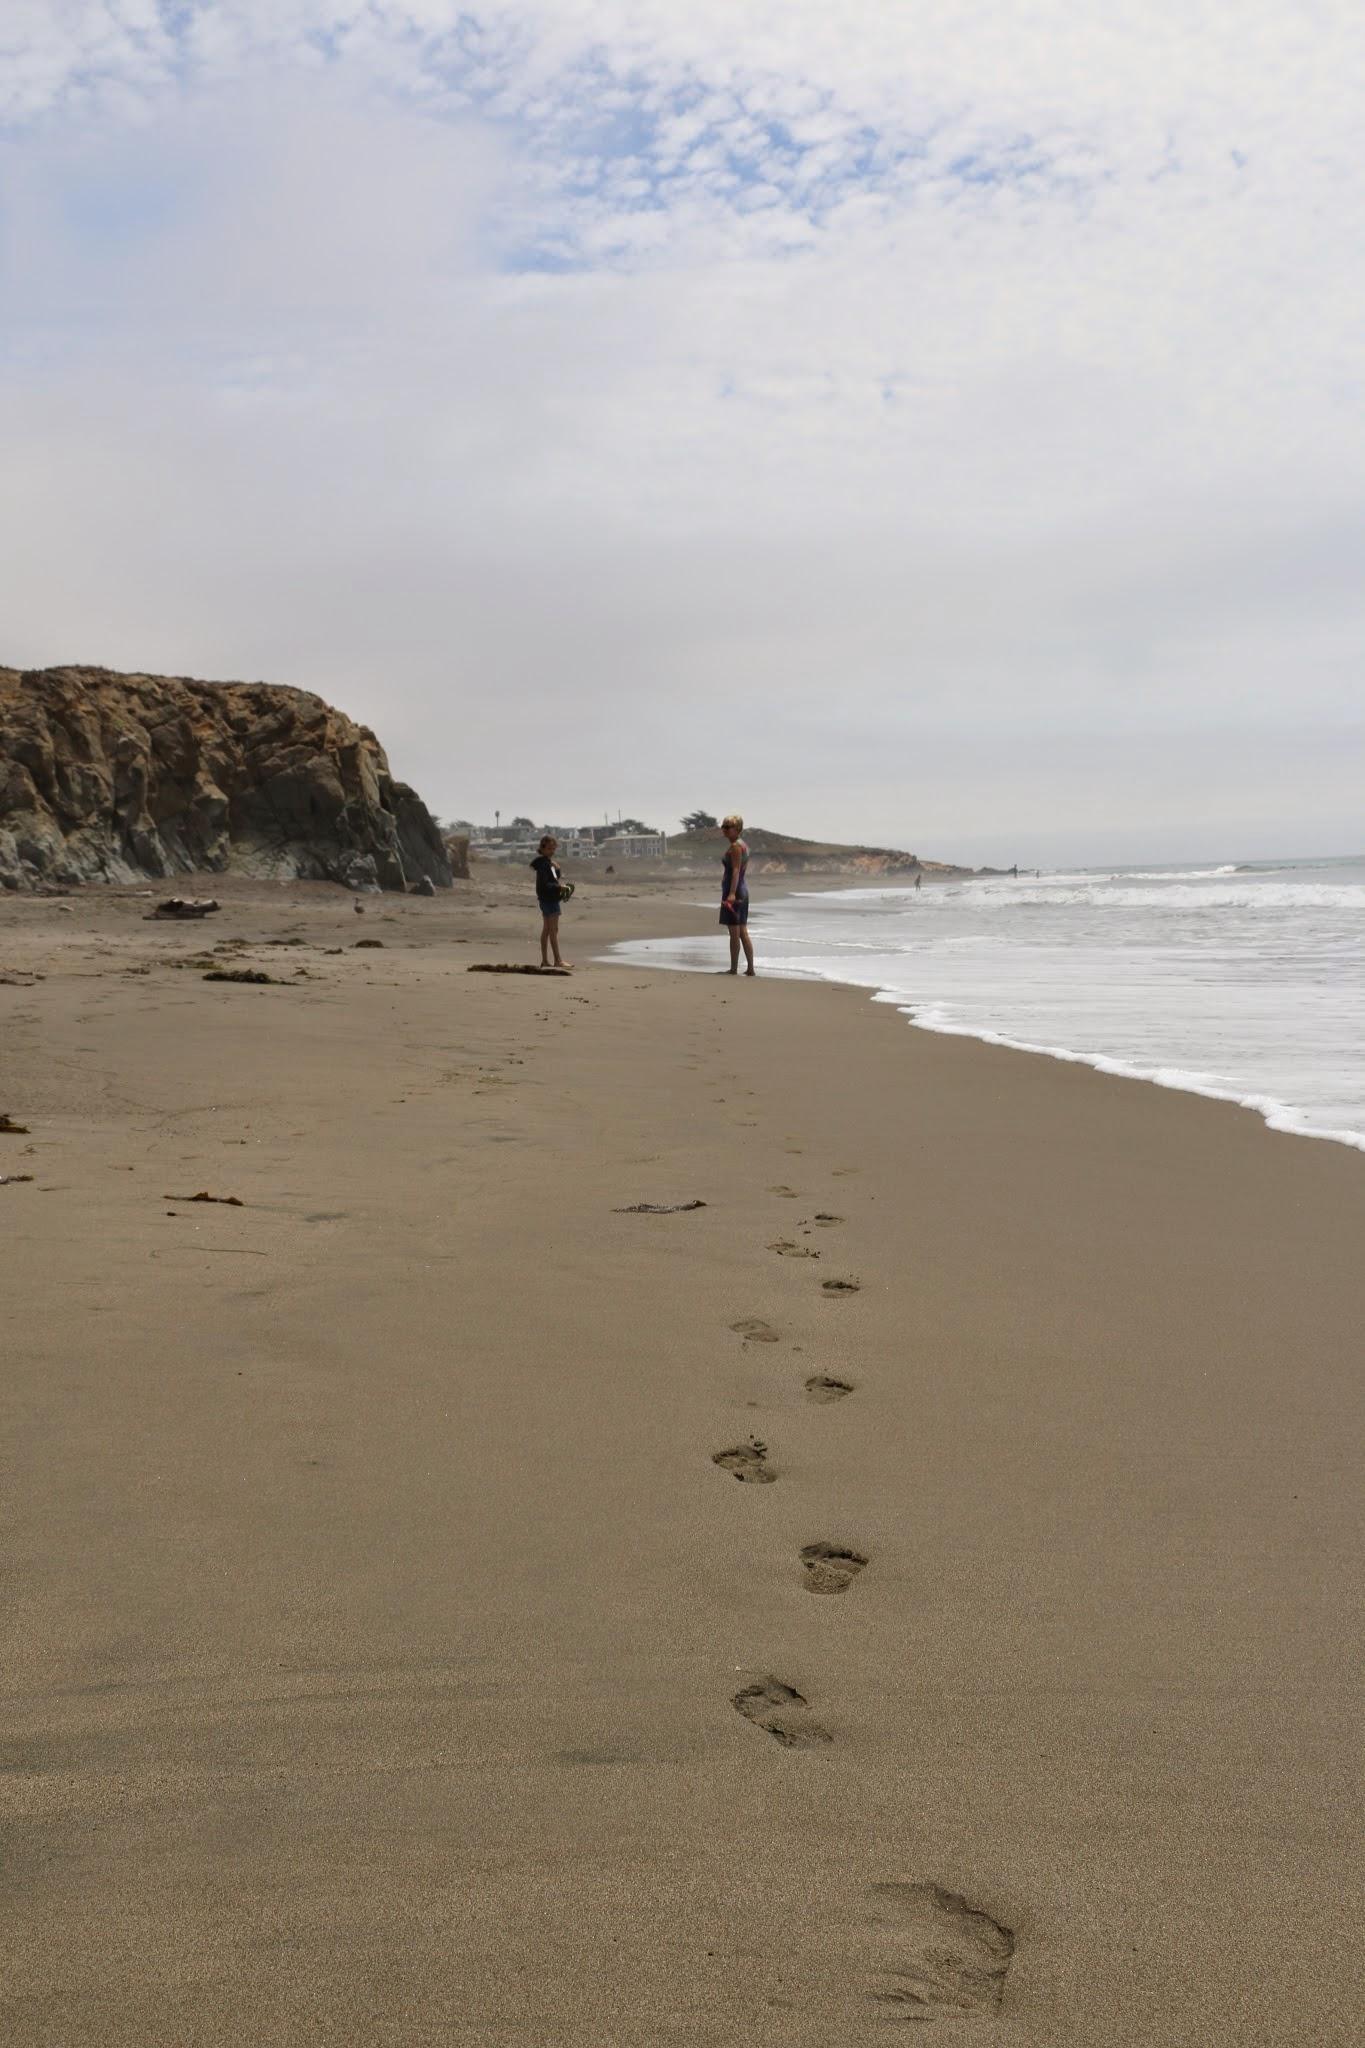 Voetsporen in het strand van Moonstone Beach